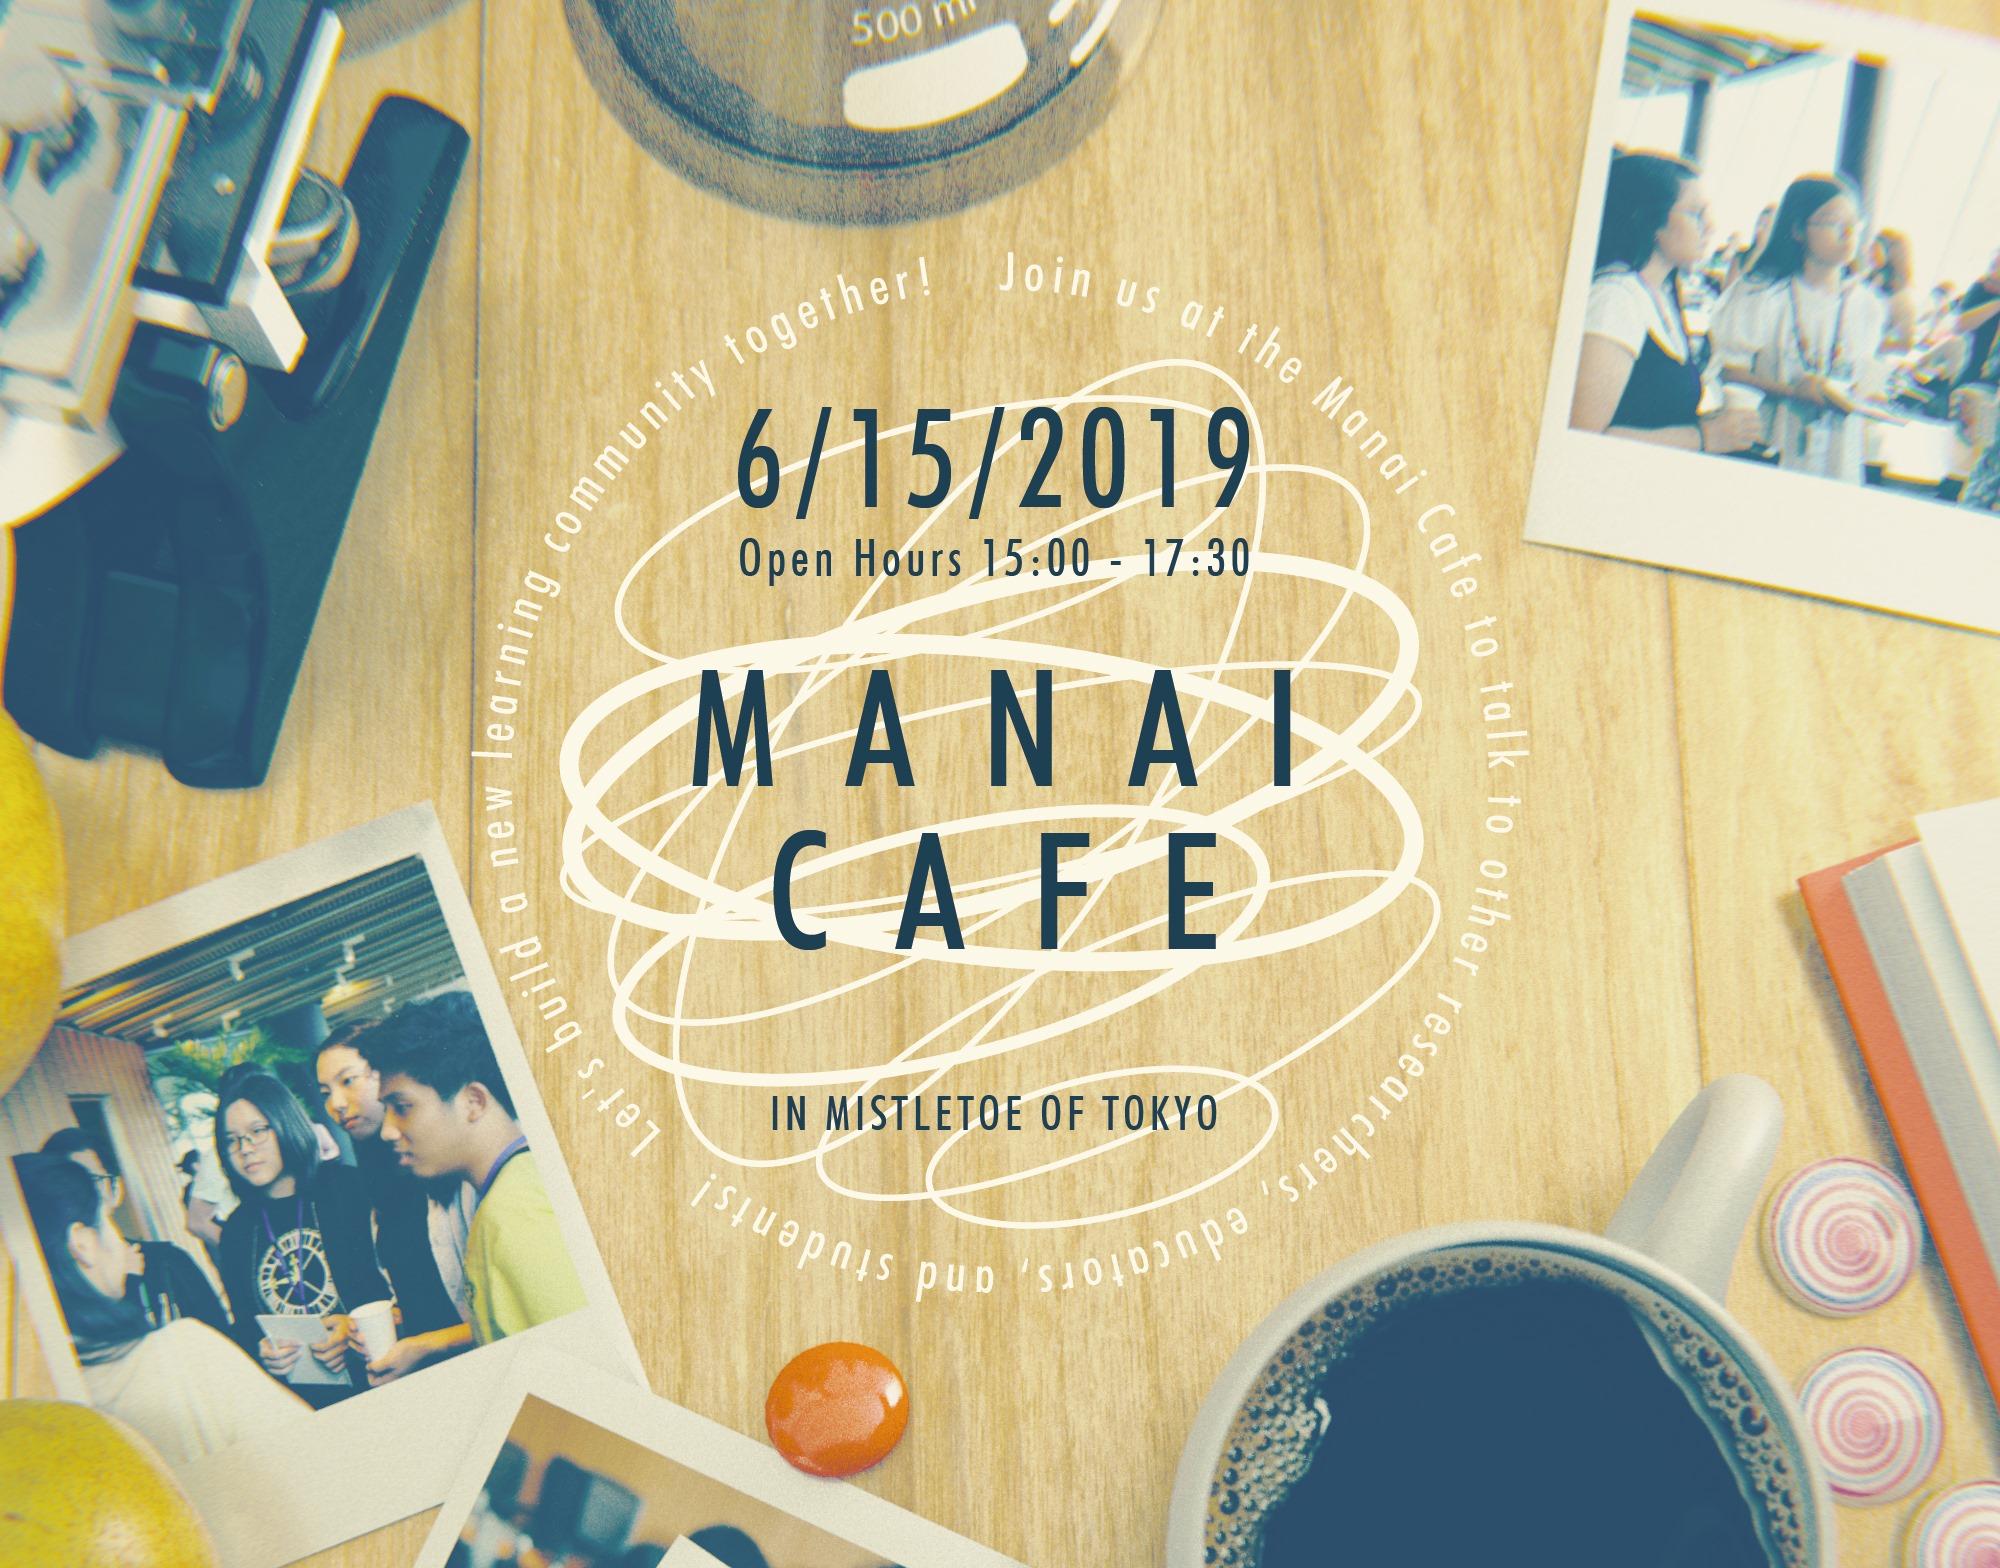 将来のヒントはここにある!! 中学生・高校生と研究者が交わるコミュニケーションイベント「Manai Cafe」開催